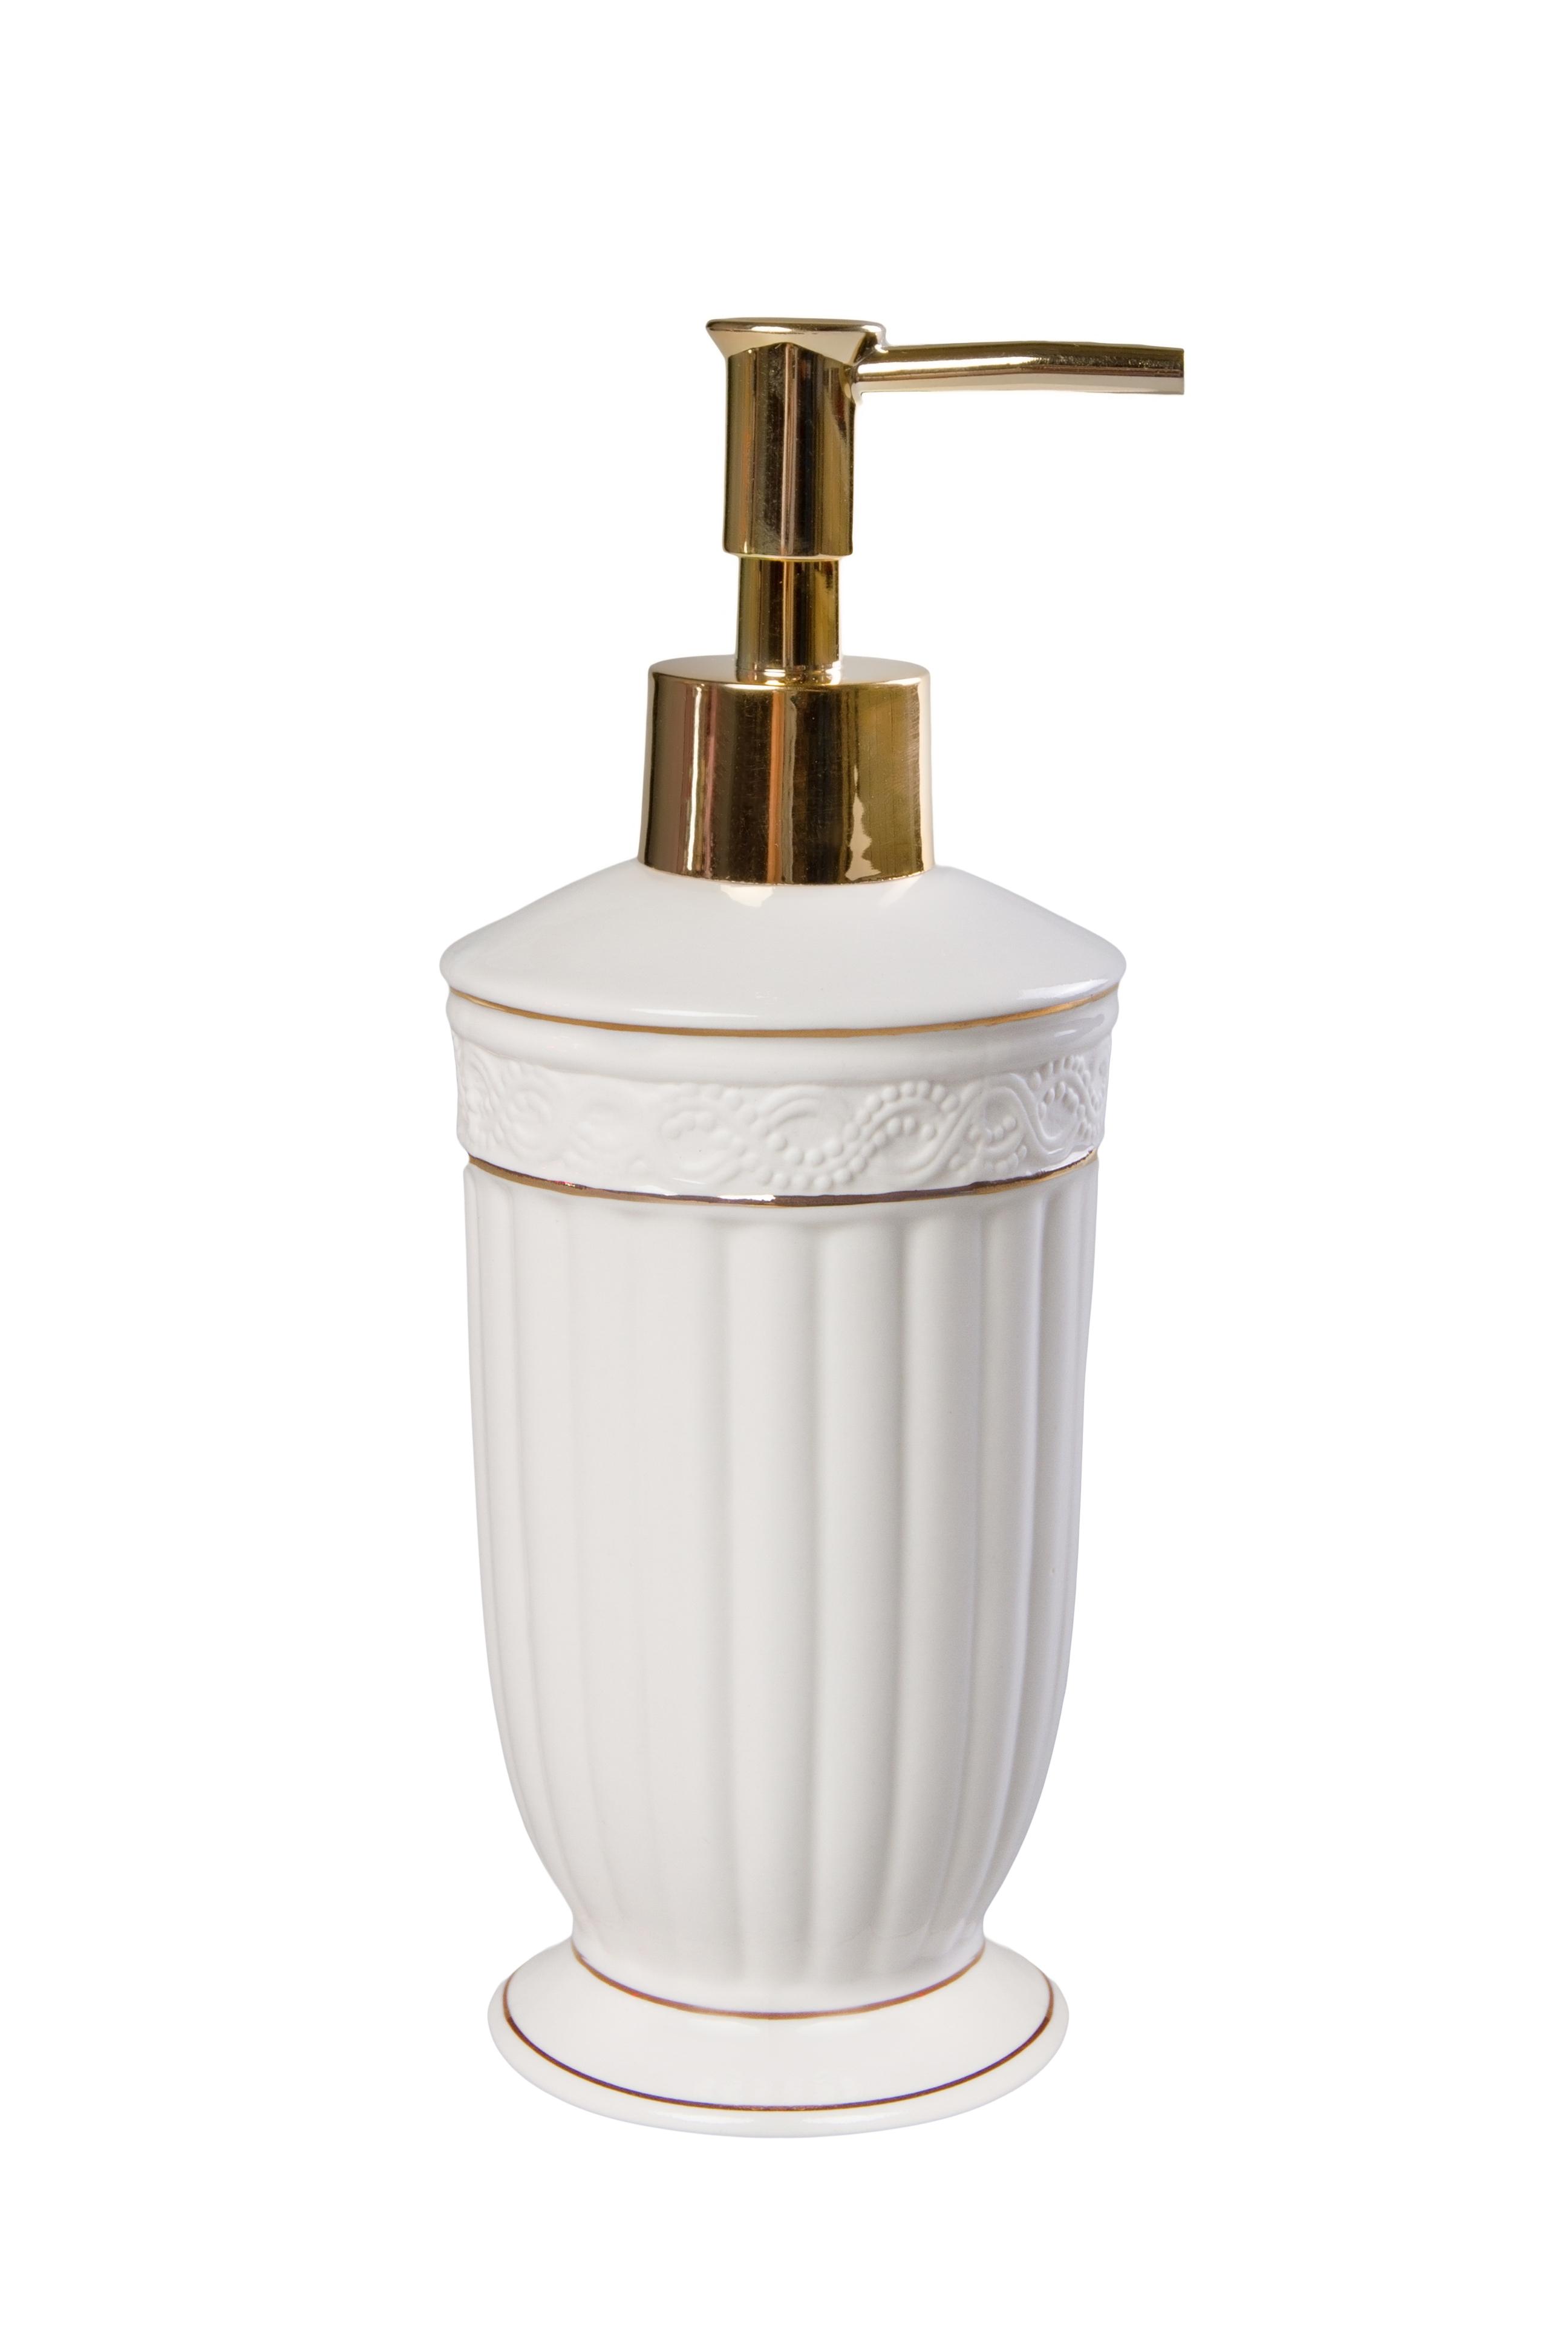 Дозатор для мыла Vanstore Дозатор для жидкого мыла, белый, золотой дозатор для жидкого мыла vanstore wiki white цвет белый 300 мл